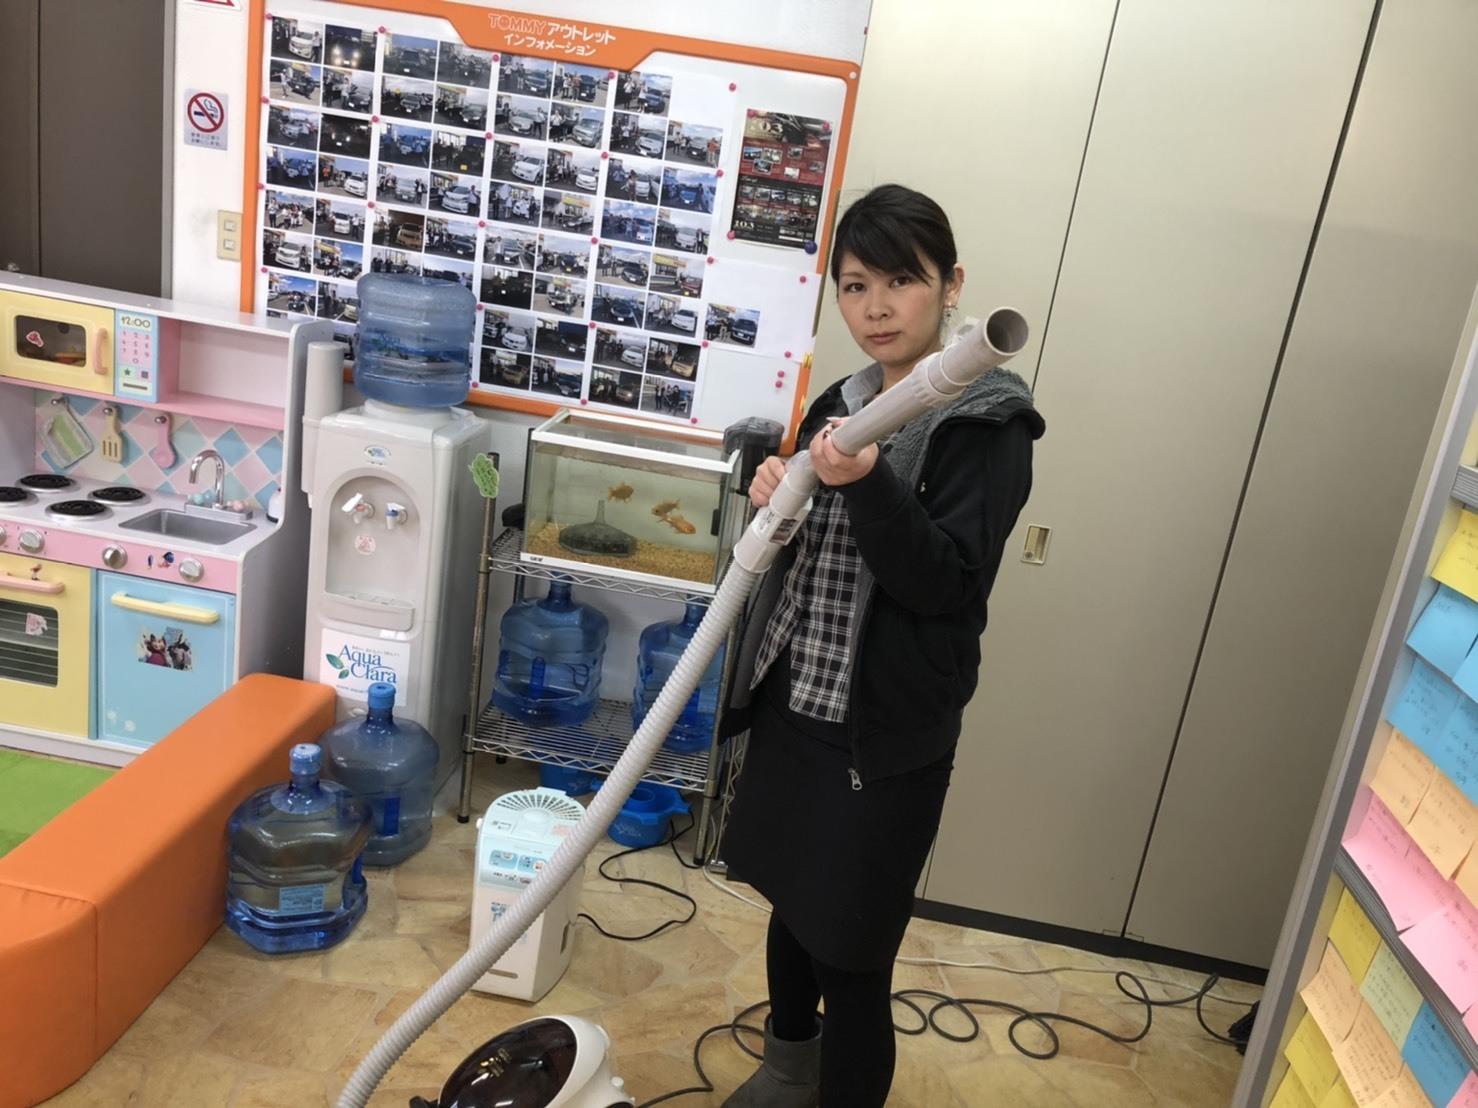 12月27日(金)☆TOMMYアウトレット☆あゆブログ˙ᵕ˙♡ 今日は納車が3台✨デイズルークスK様☆ゴルフR32F様★クラウンS様☆_b0127002_17101364.jpg